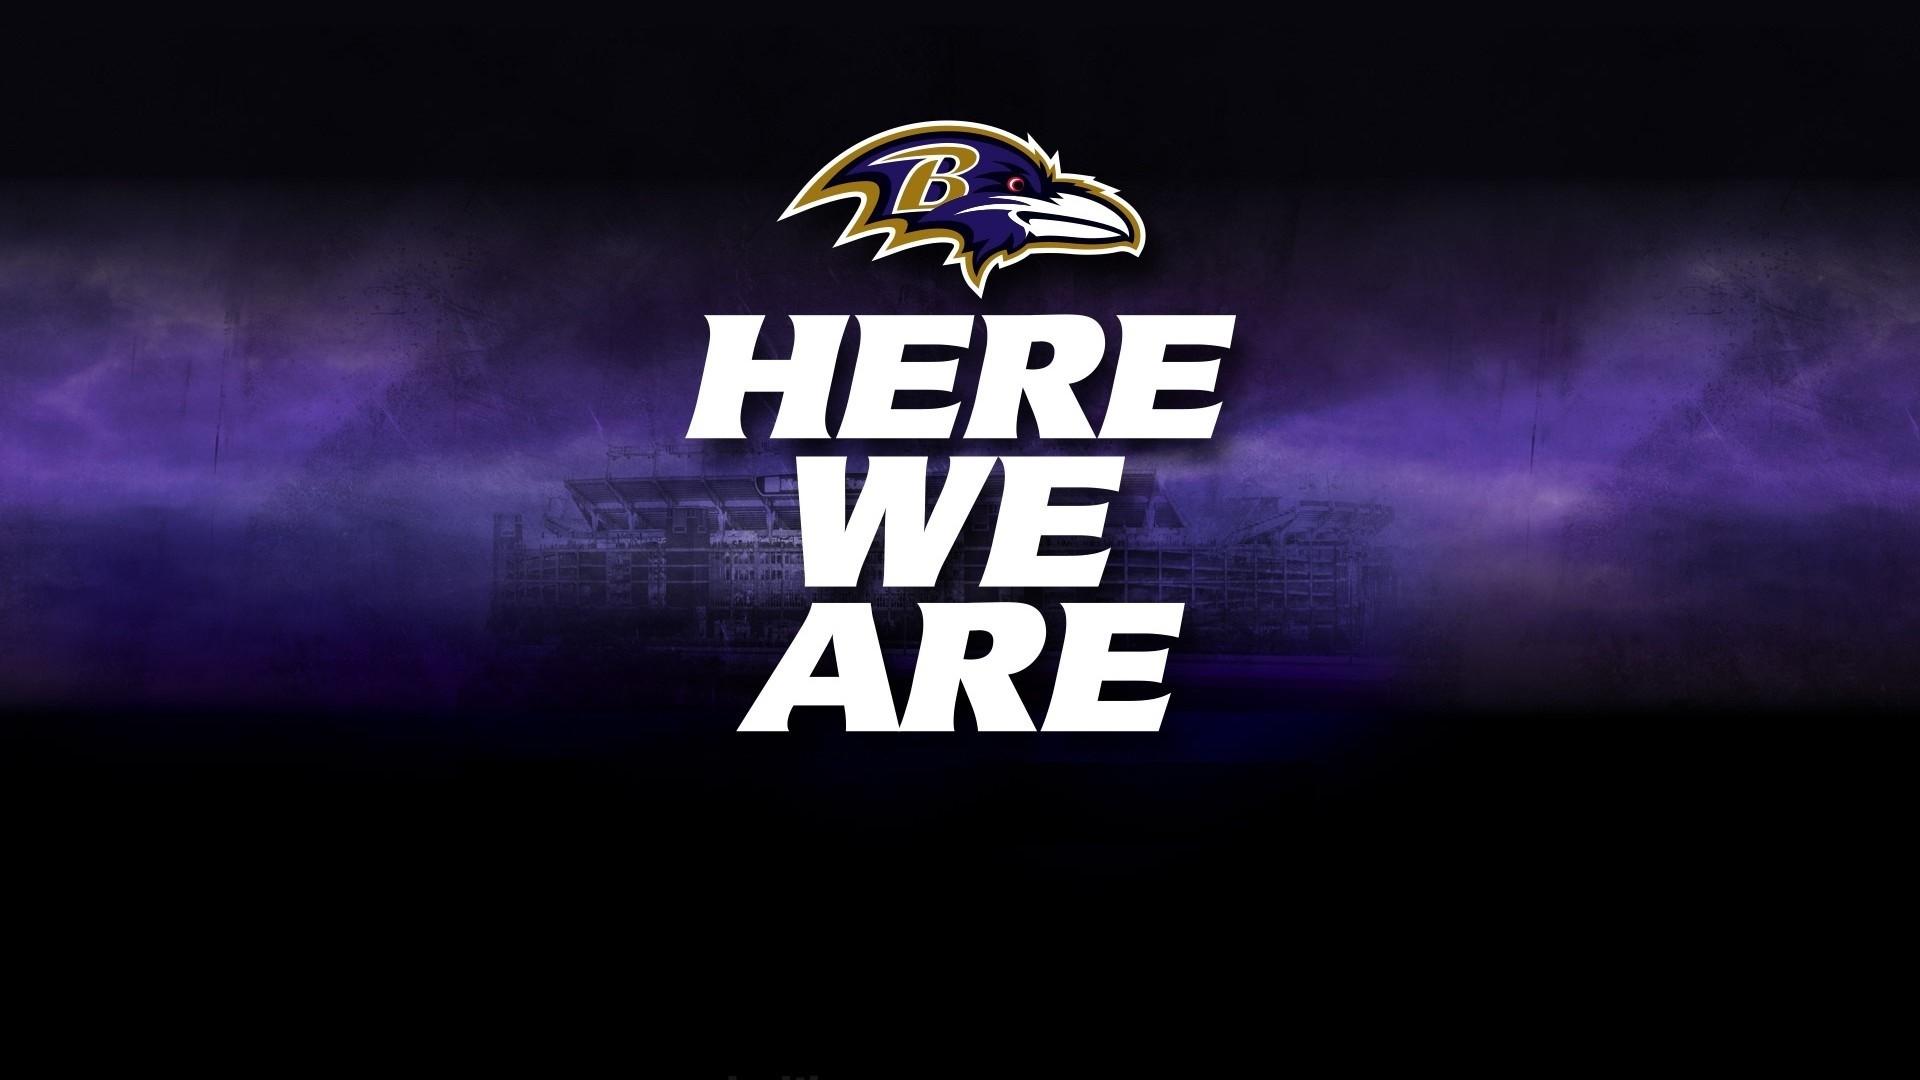 Baltimore Ravens Desktop wallpaper